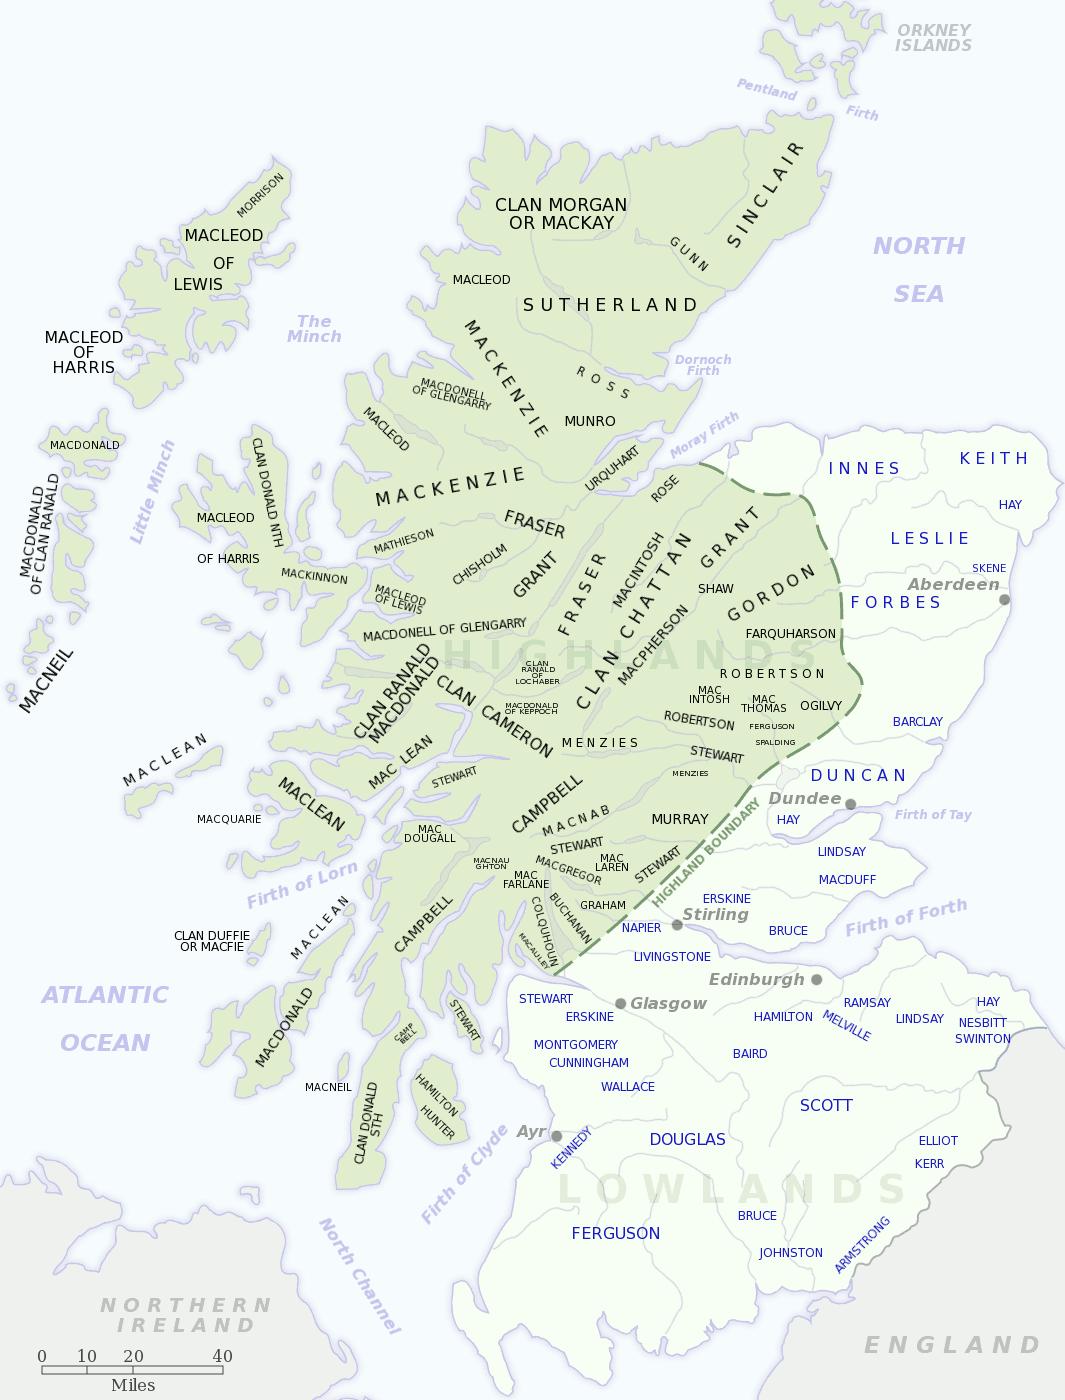 スコットランドの氏族分布地図(クリックで拡大)。緑の地域がハイランド、薄緑色がローランド